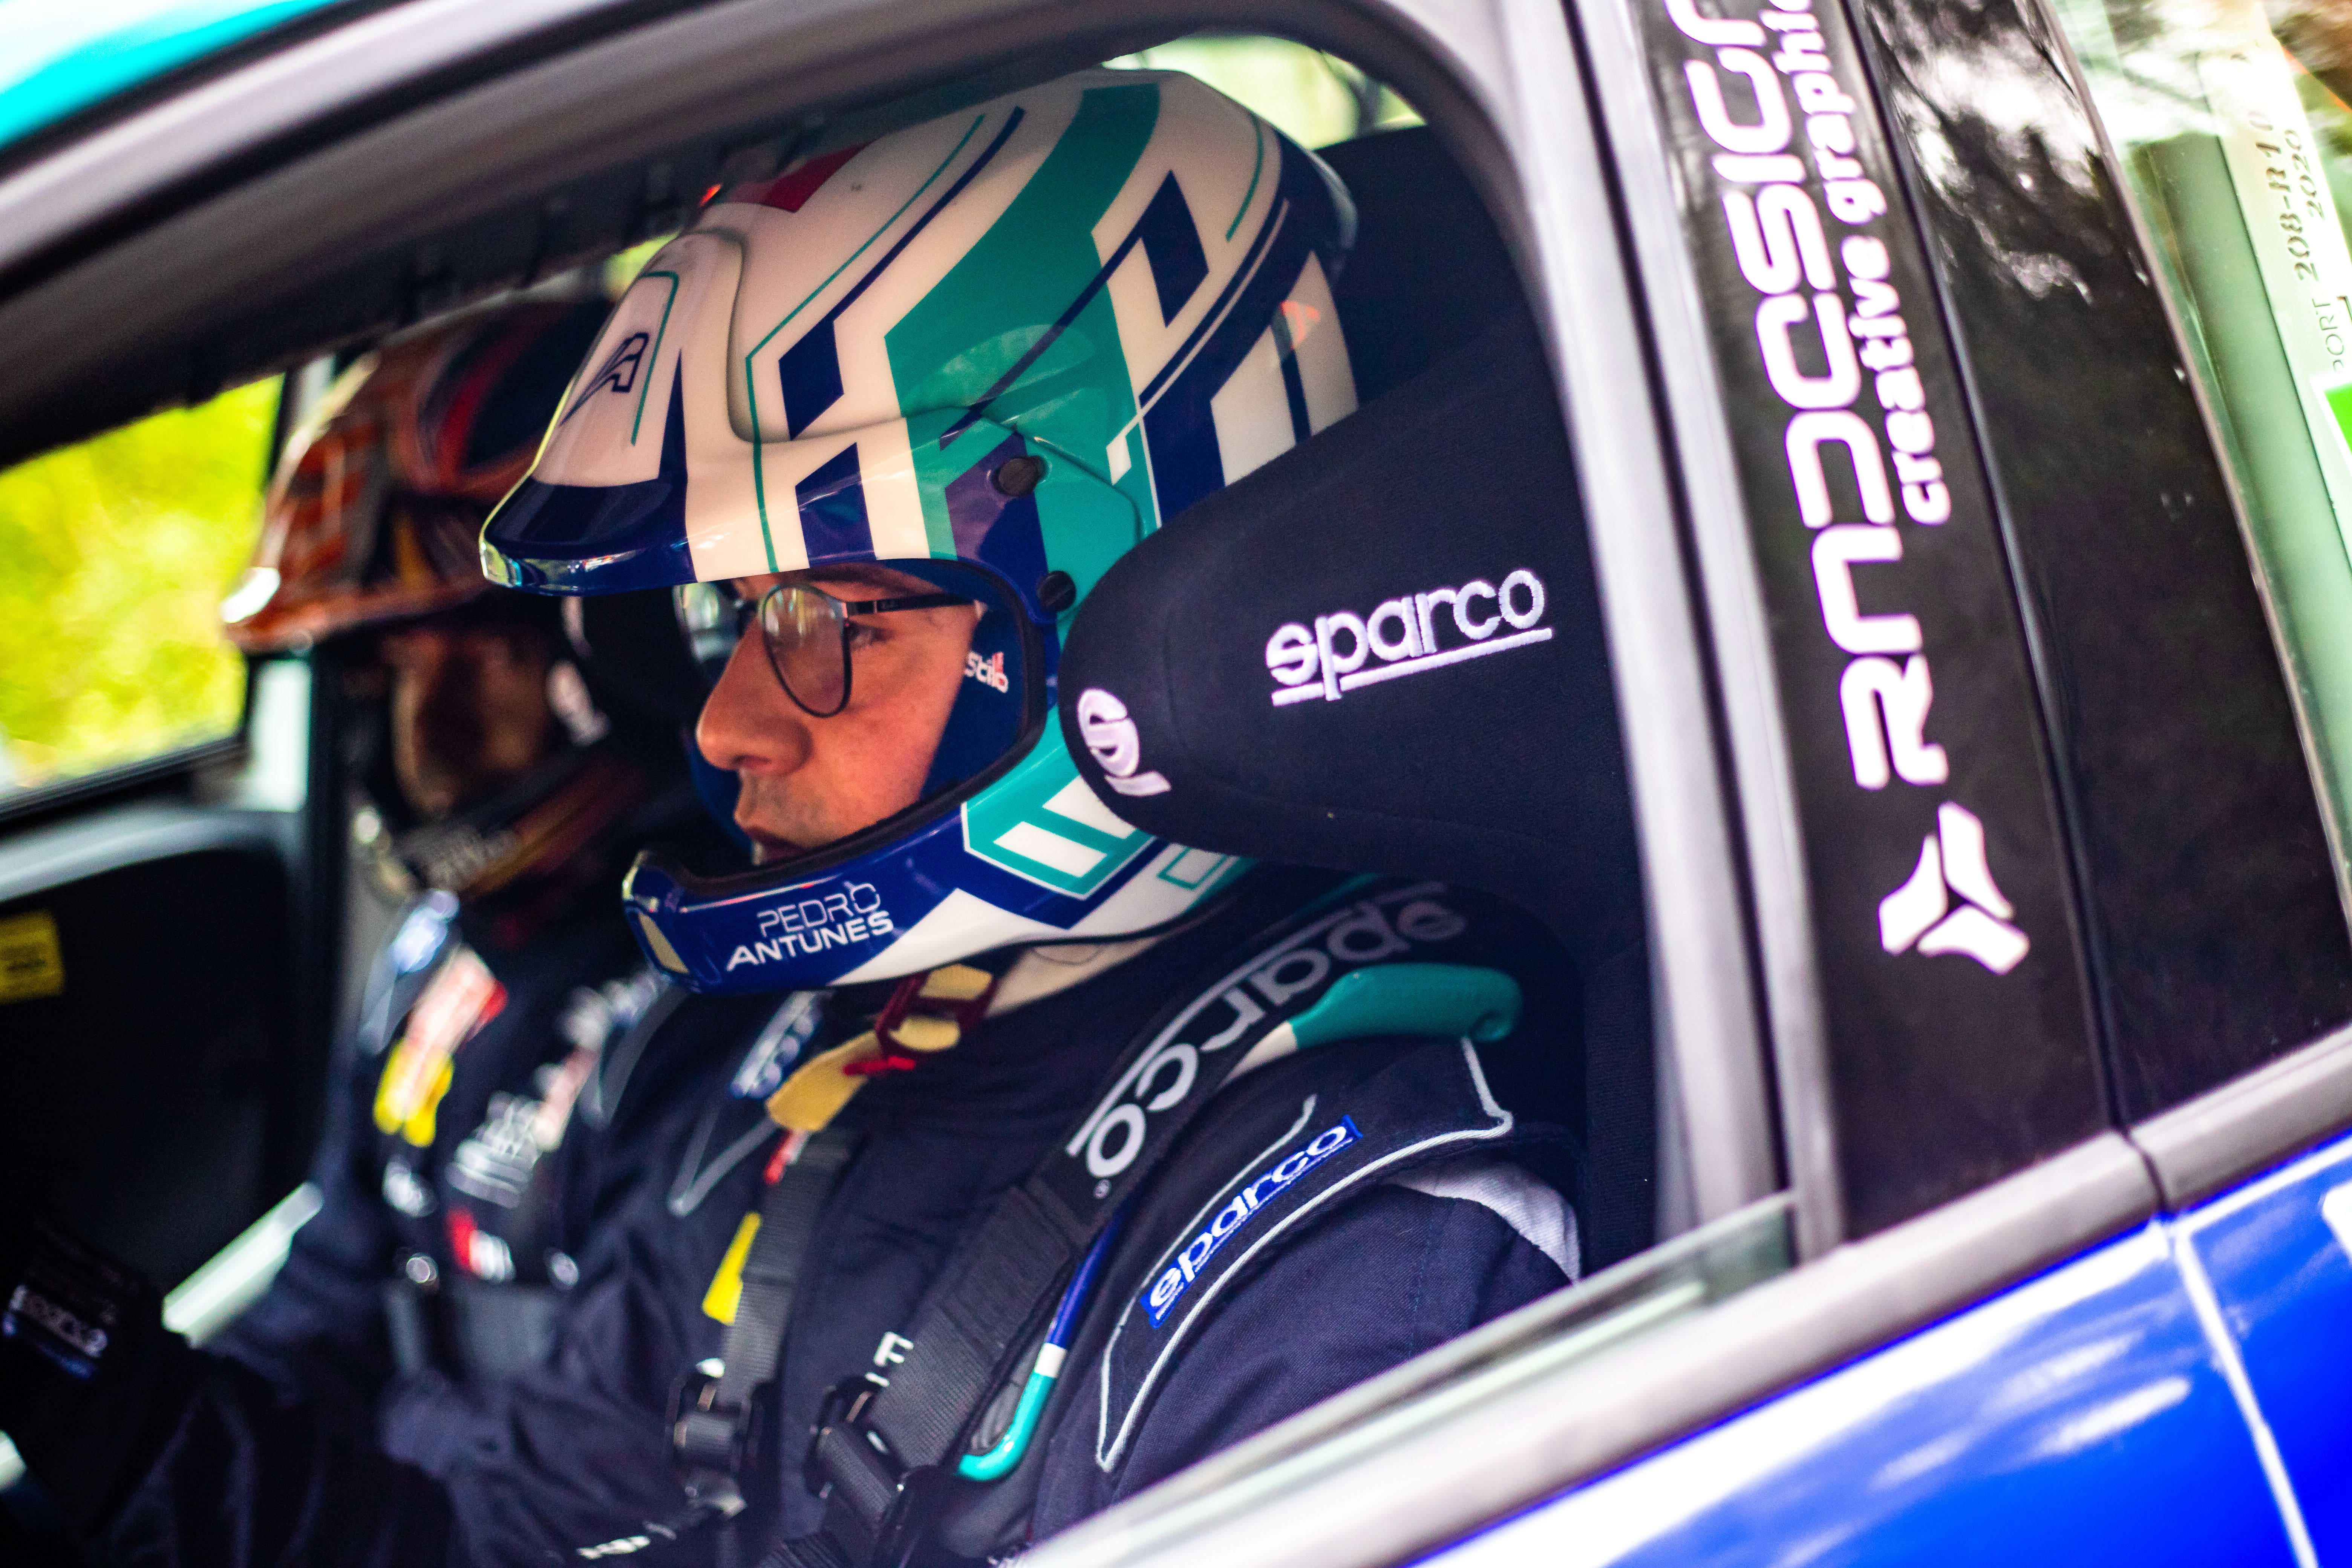 26 Rallye La Nucia – Mediterraneo Costa blanca -7645 Gonzalez de automocion